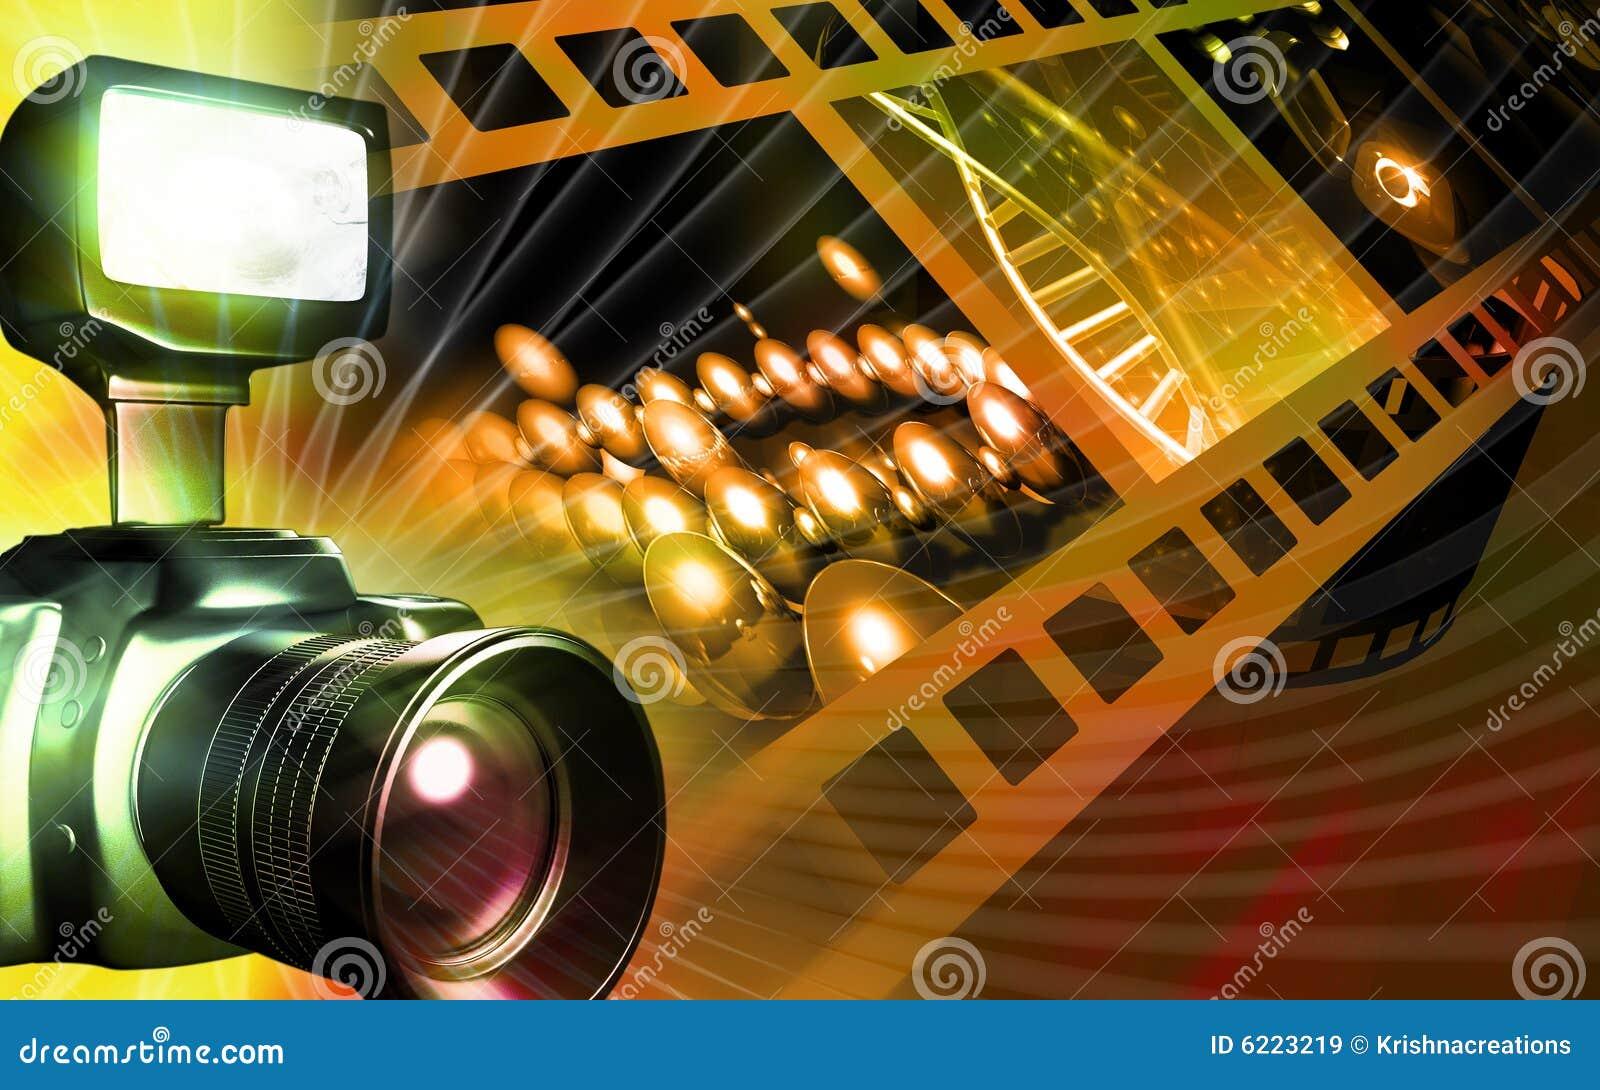 Appareil-photo avec flasher de lampe-torche